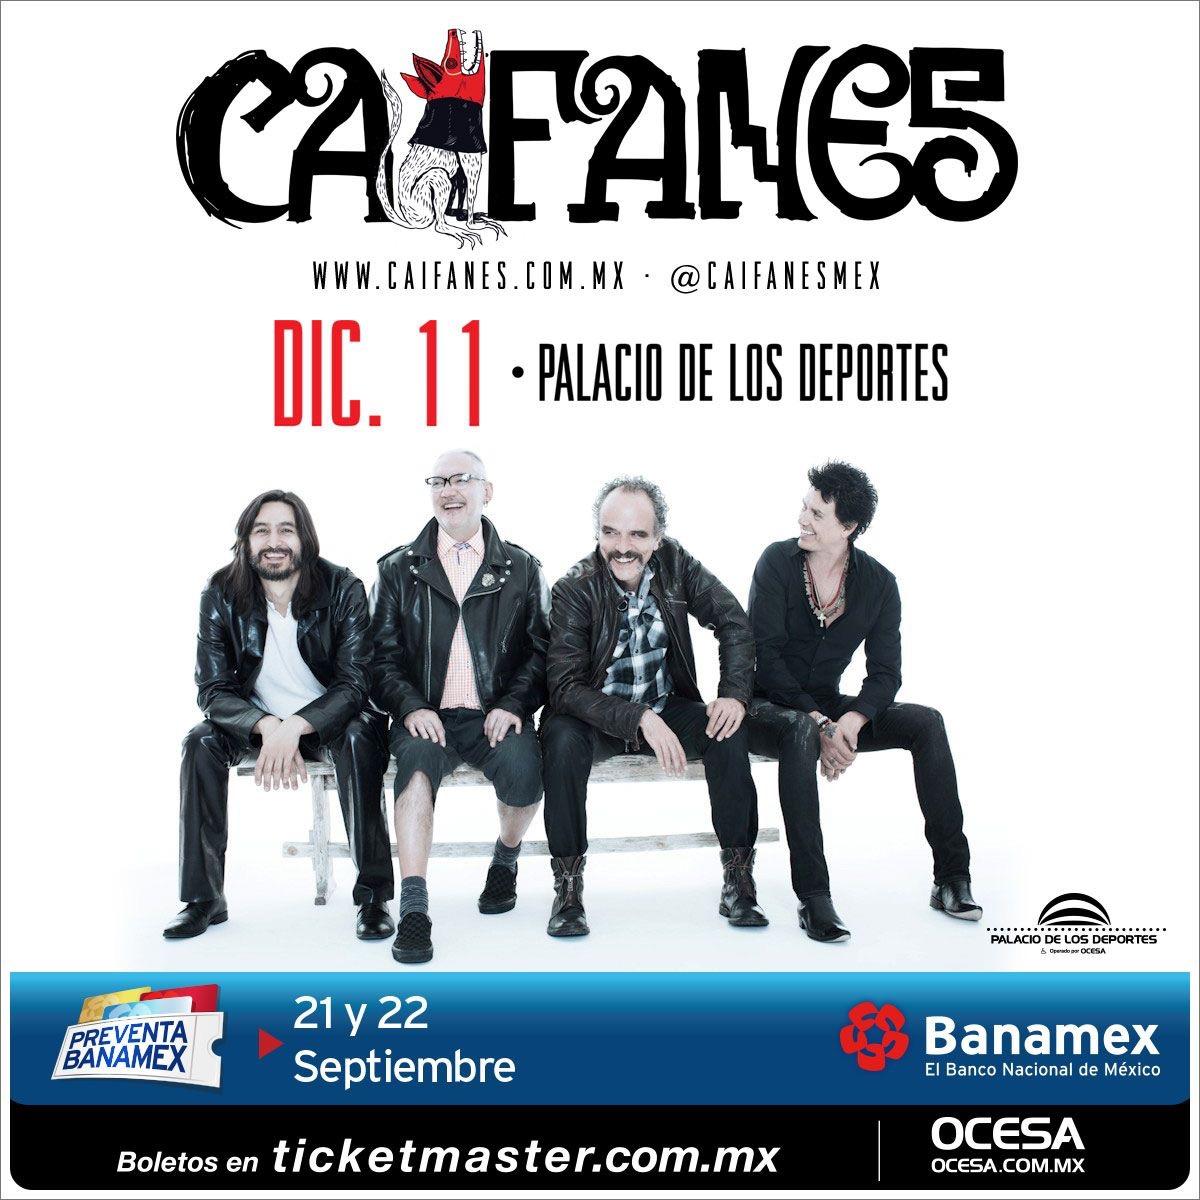 Caifanes_Palacio_de_Los_Deportes_15